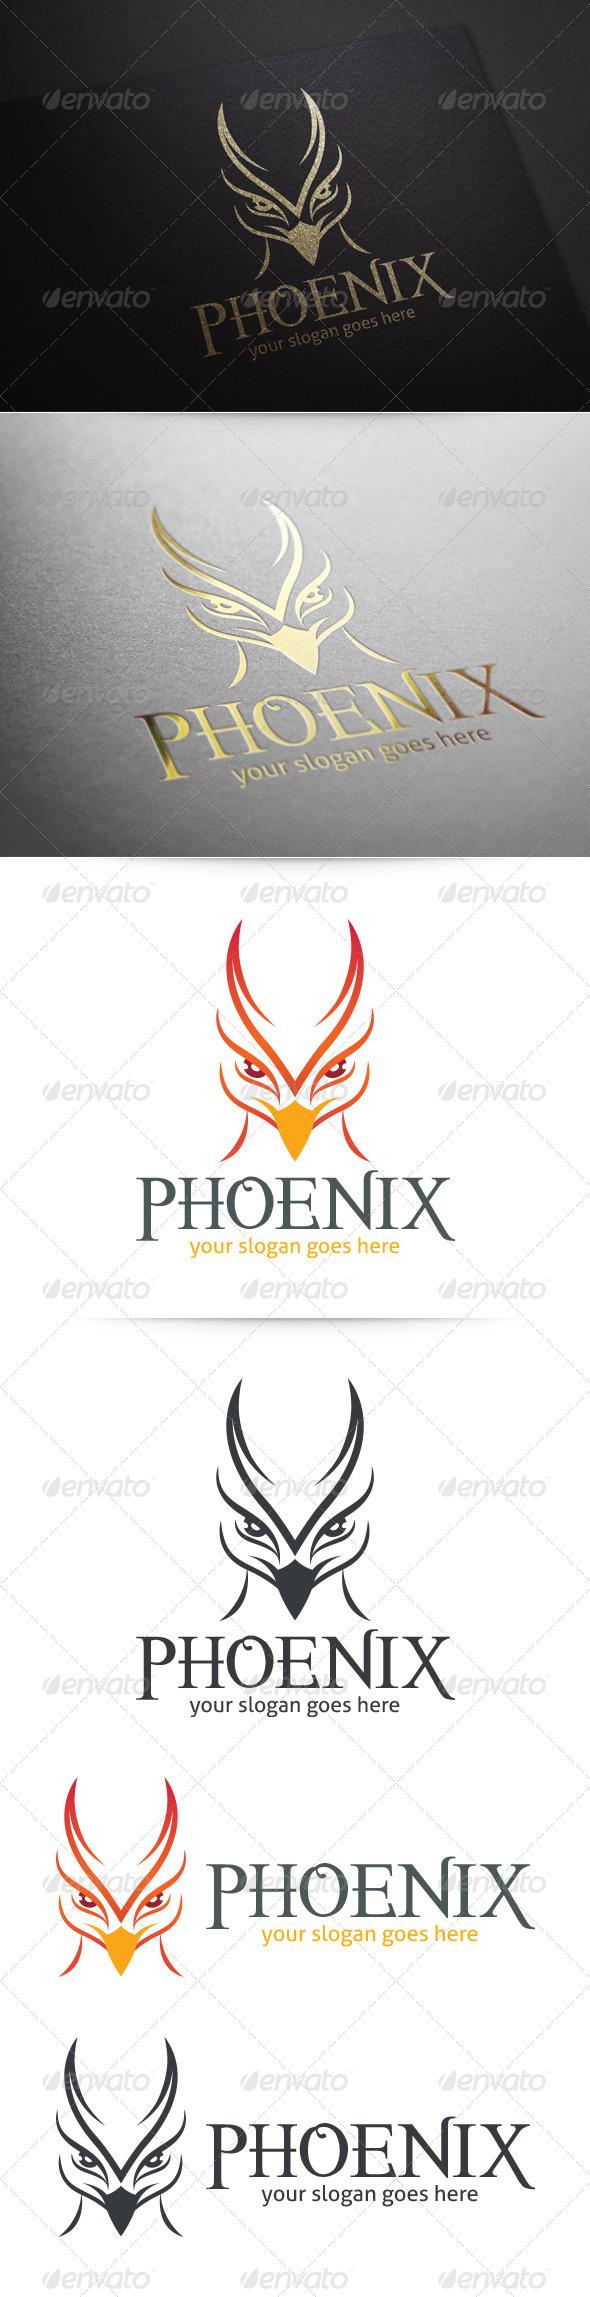 GraphicRiver Phoenix Logo 5869740